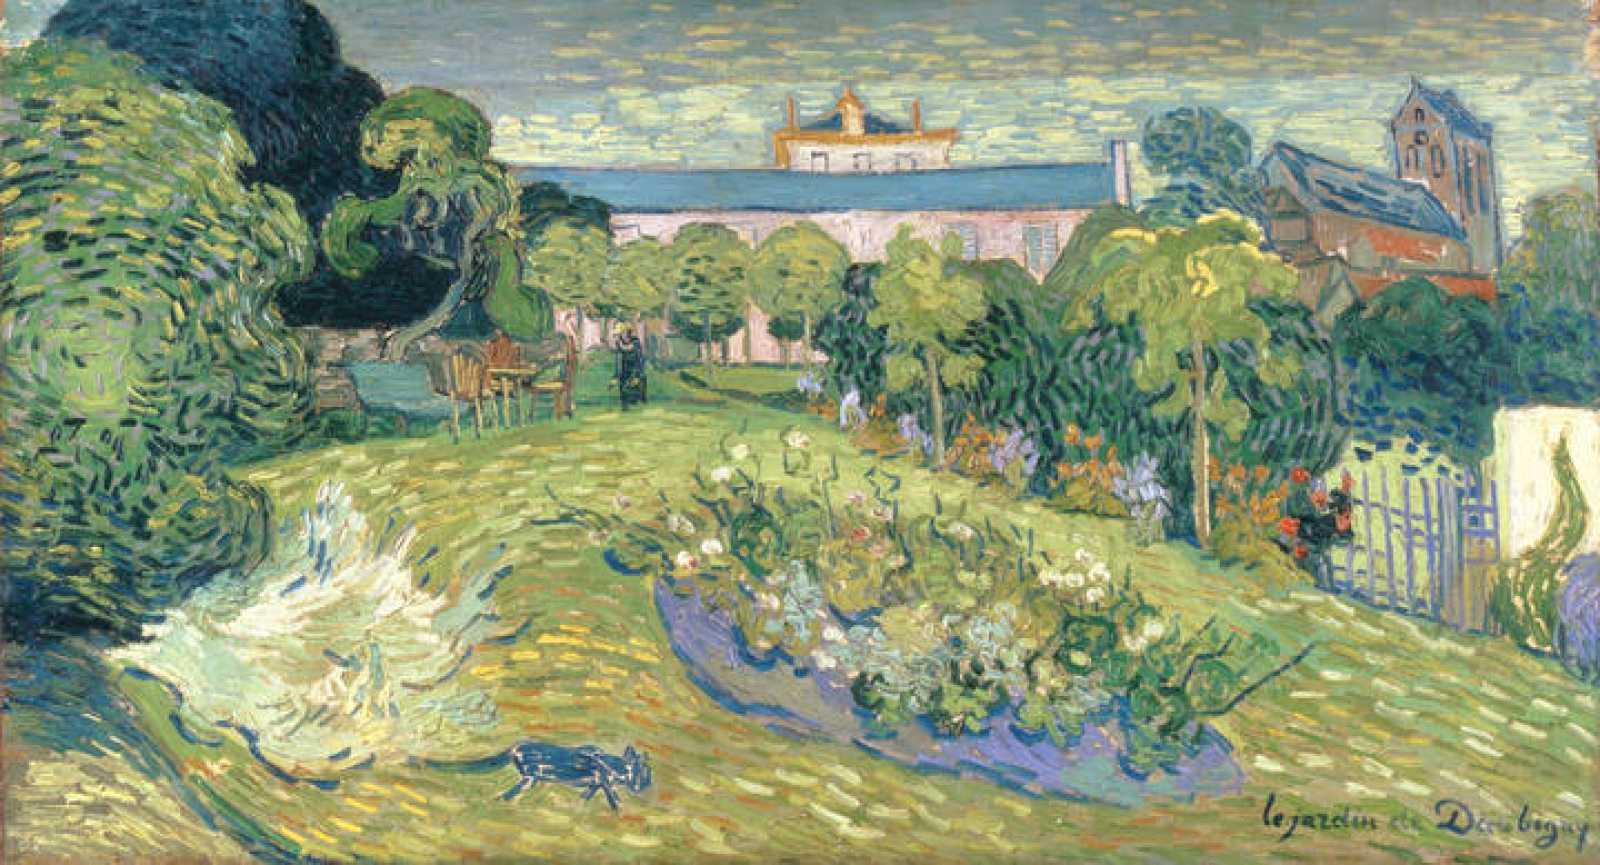 El jardín de Daubigny (1890), Vincent Van Gogh